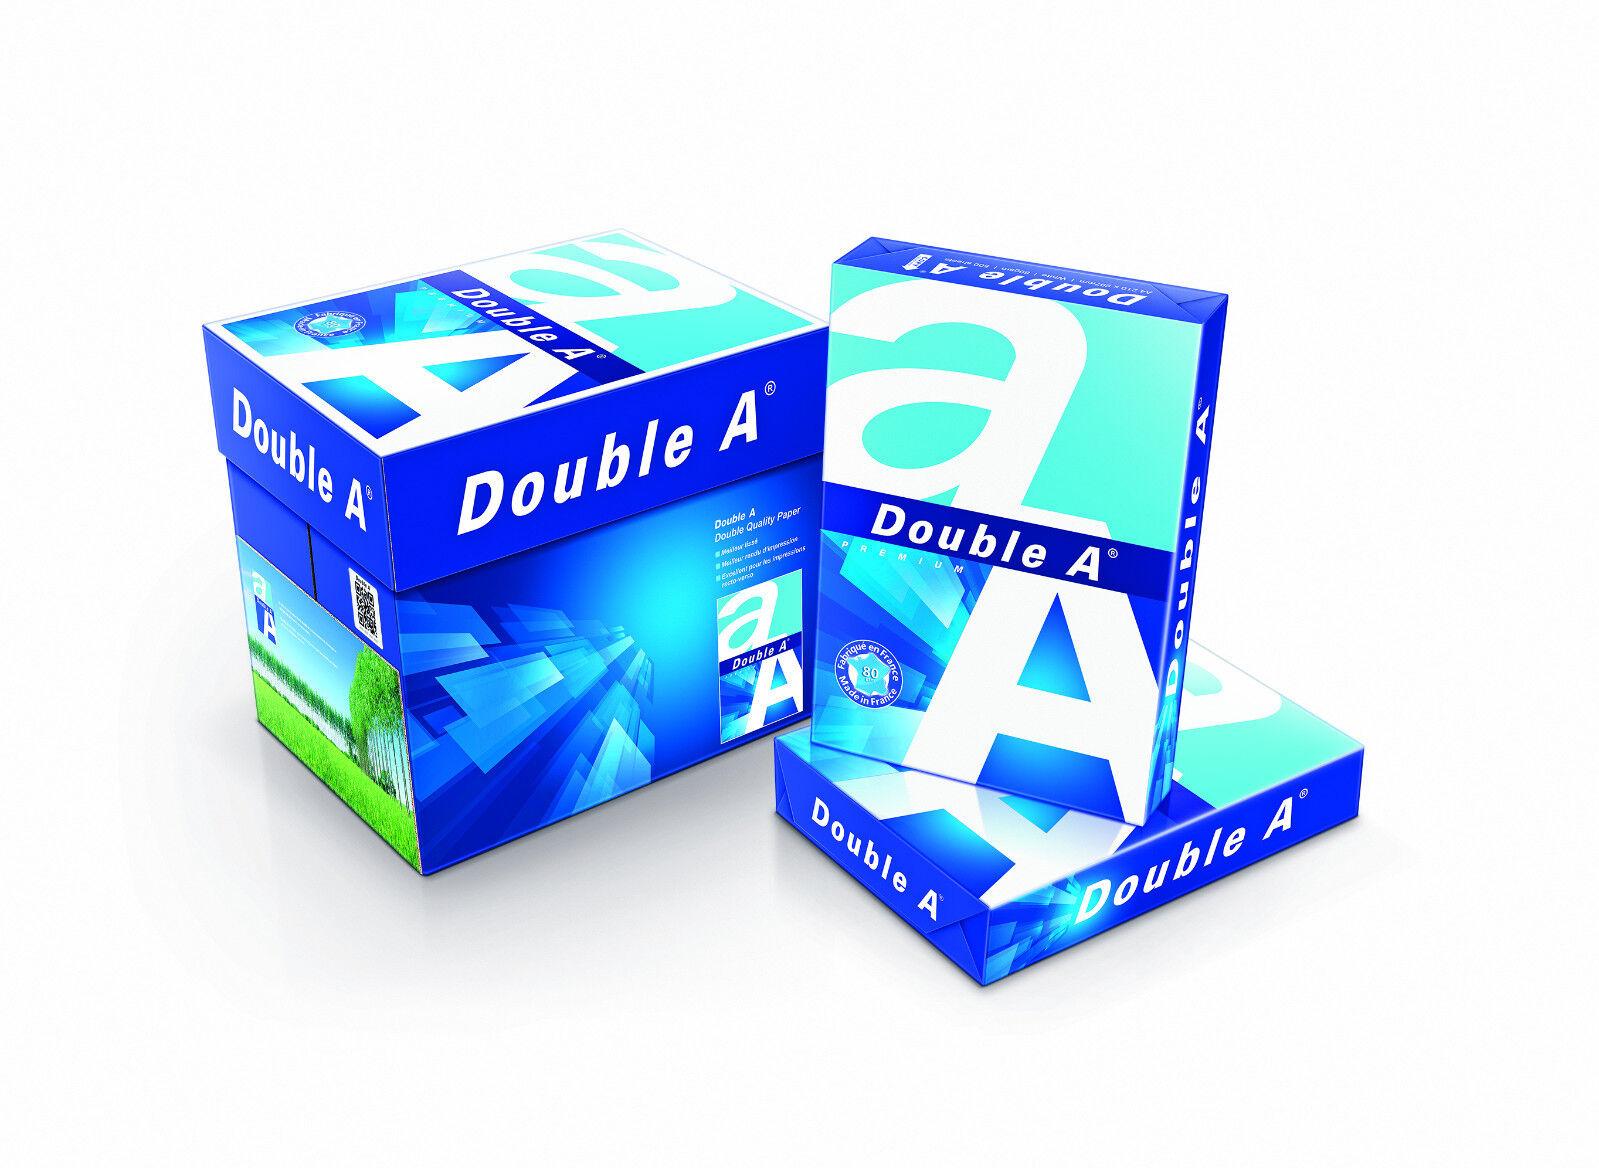 Double A 80g m² Premium Papier Universalpapier DIN A4 DoubleA weiß Kopierpapier | Sonderaktionen zum Jahresende  | Offizielle Webseite